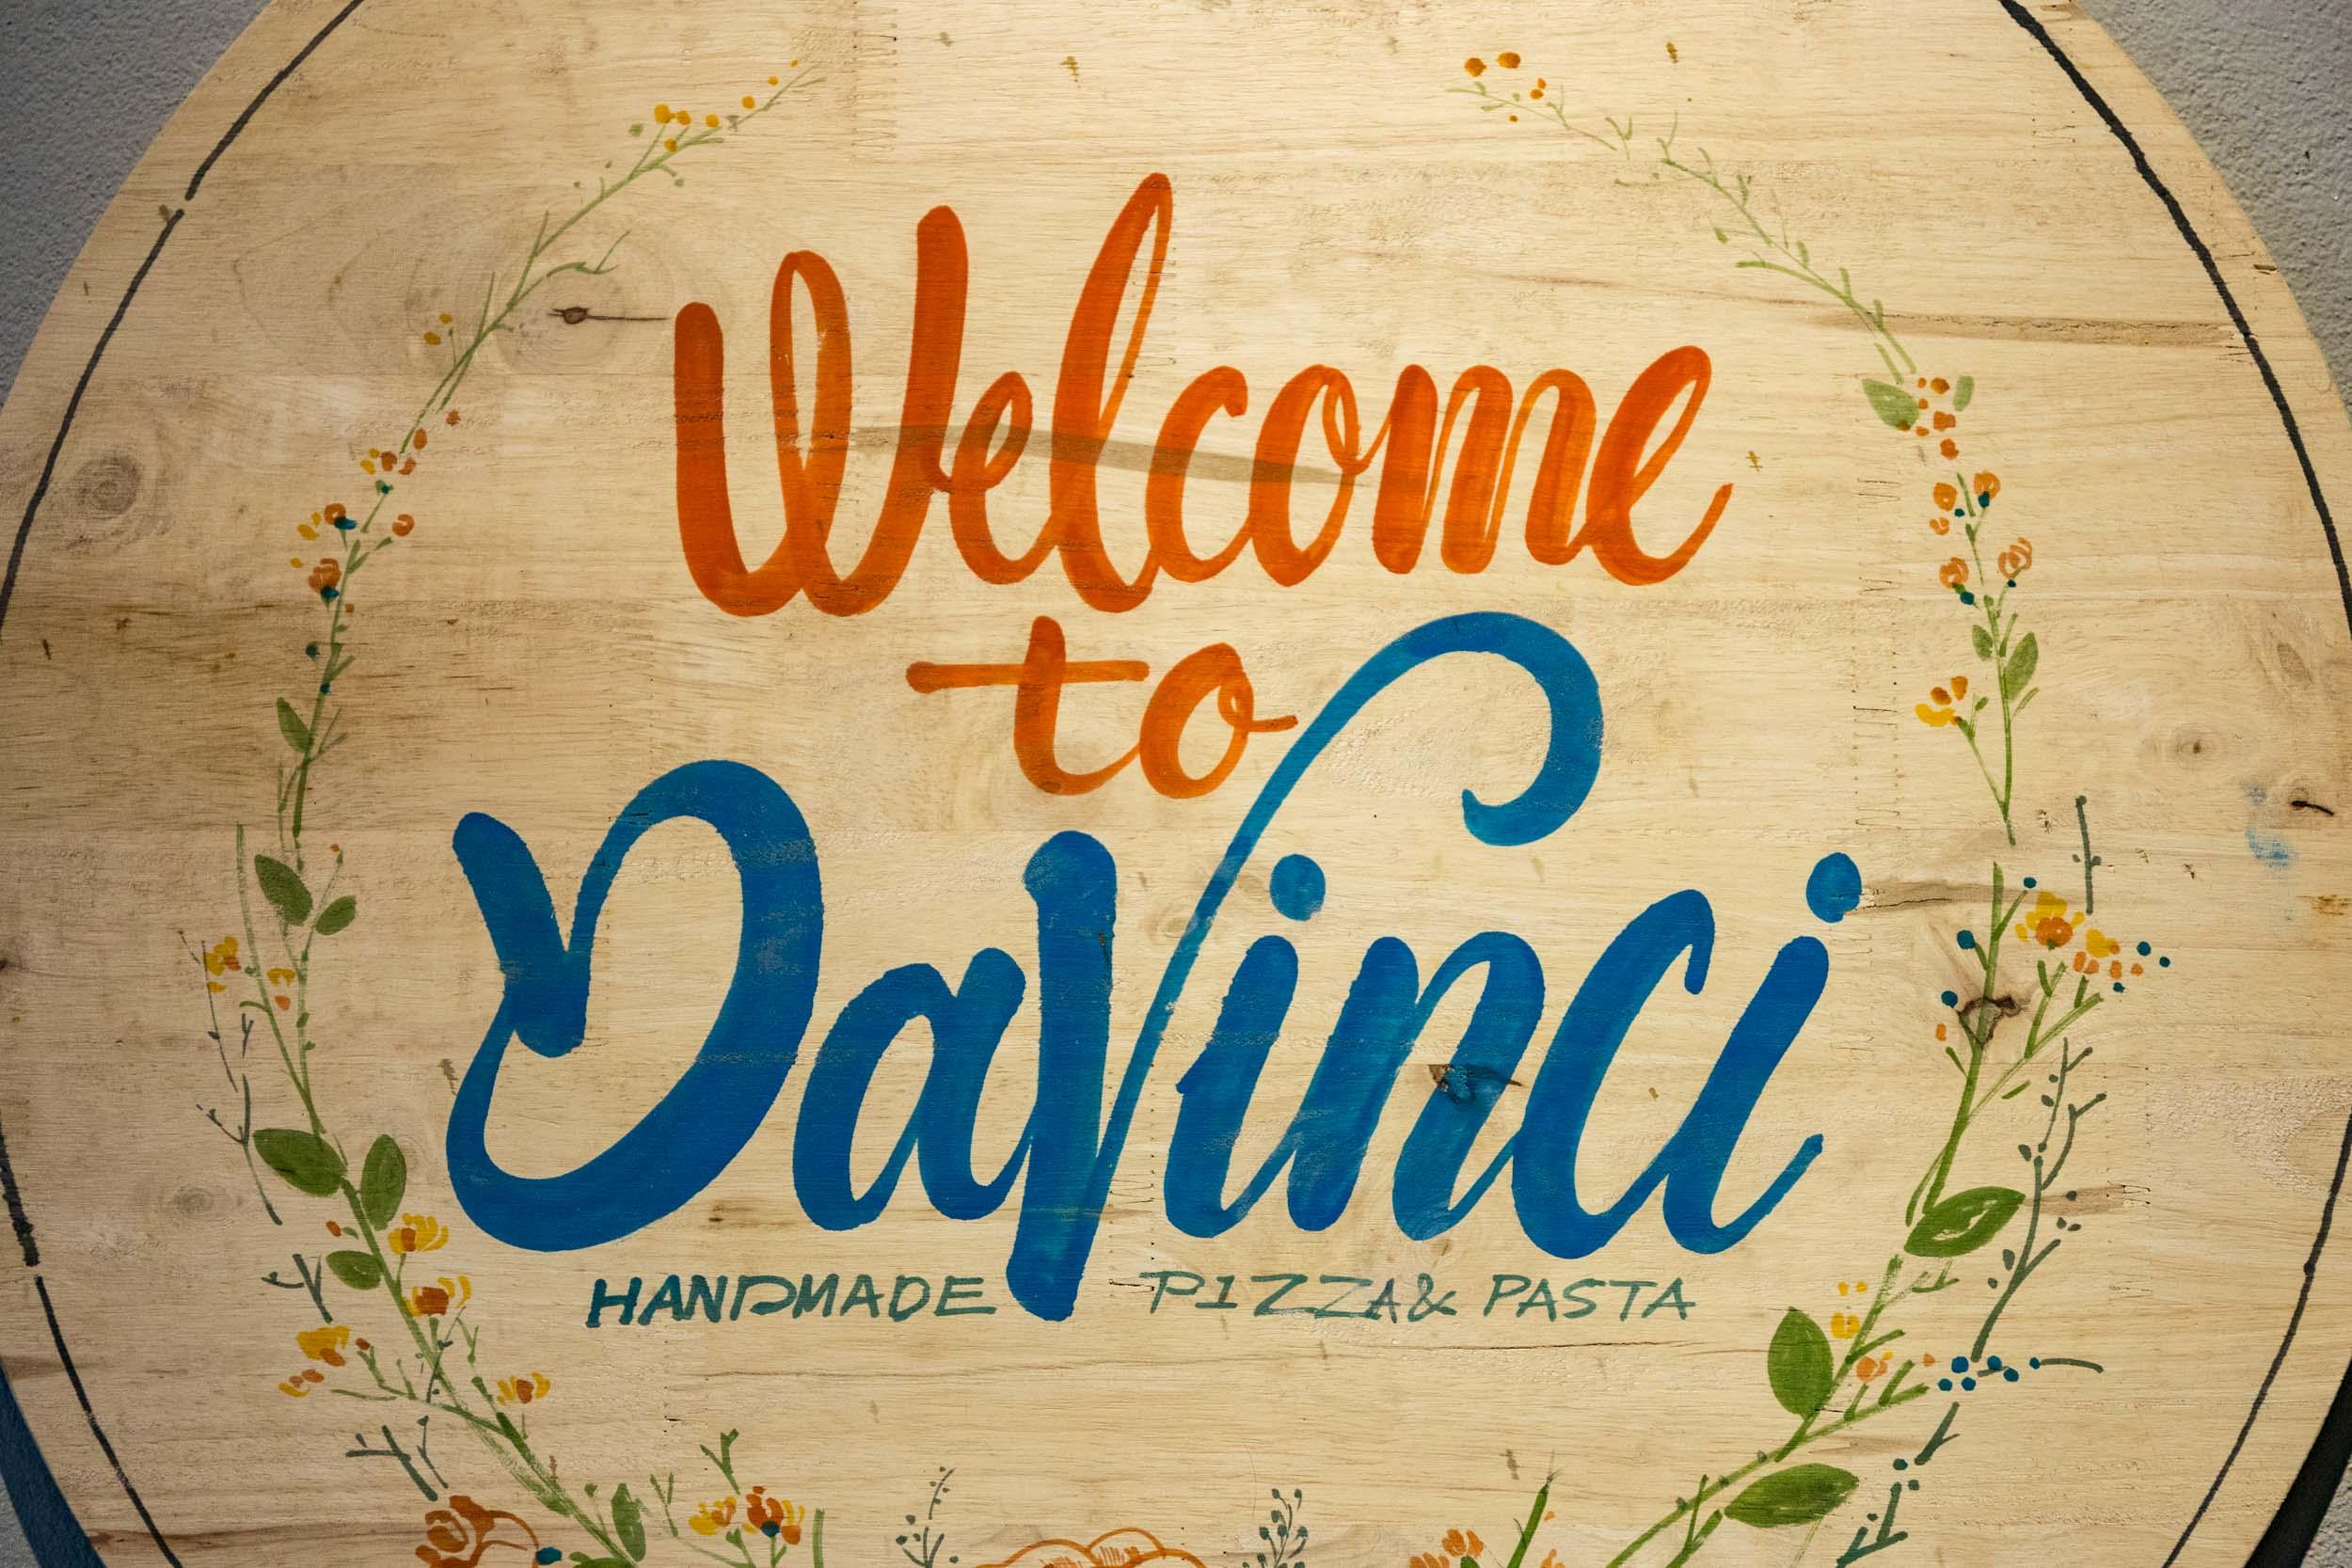 Da Vinci's Restaurant Singage. Da Nang.